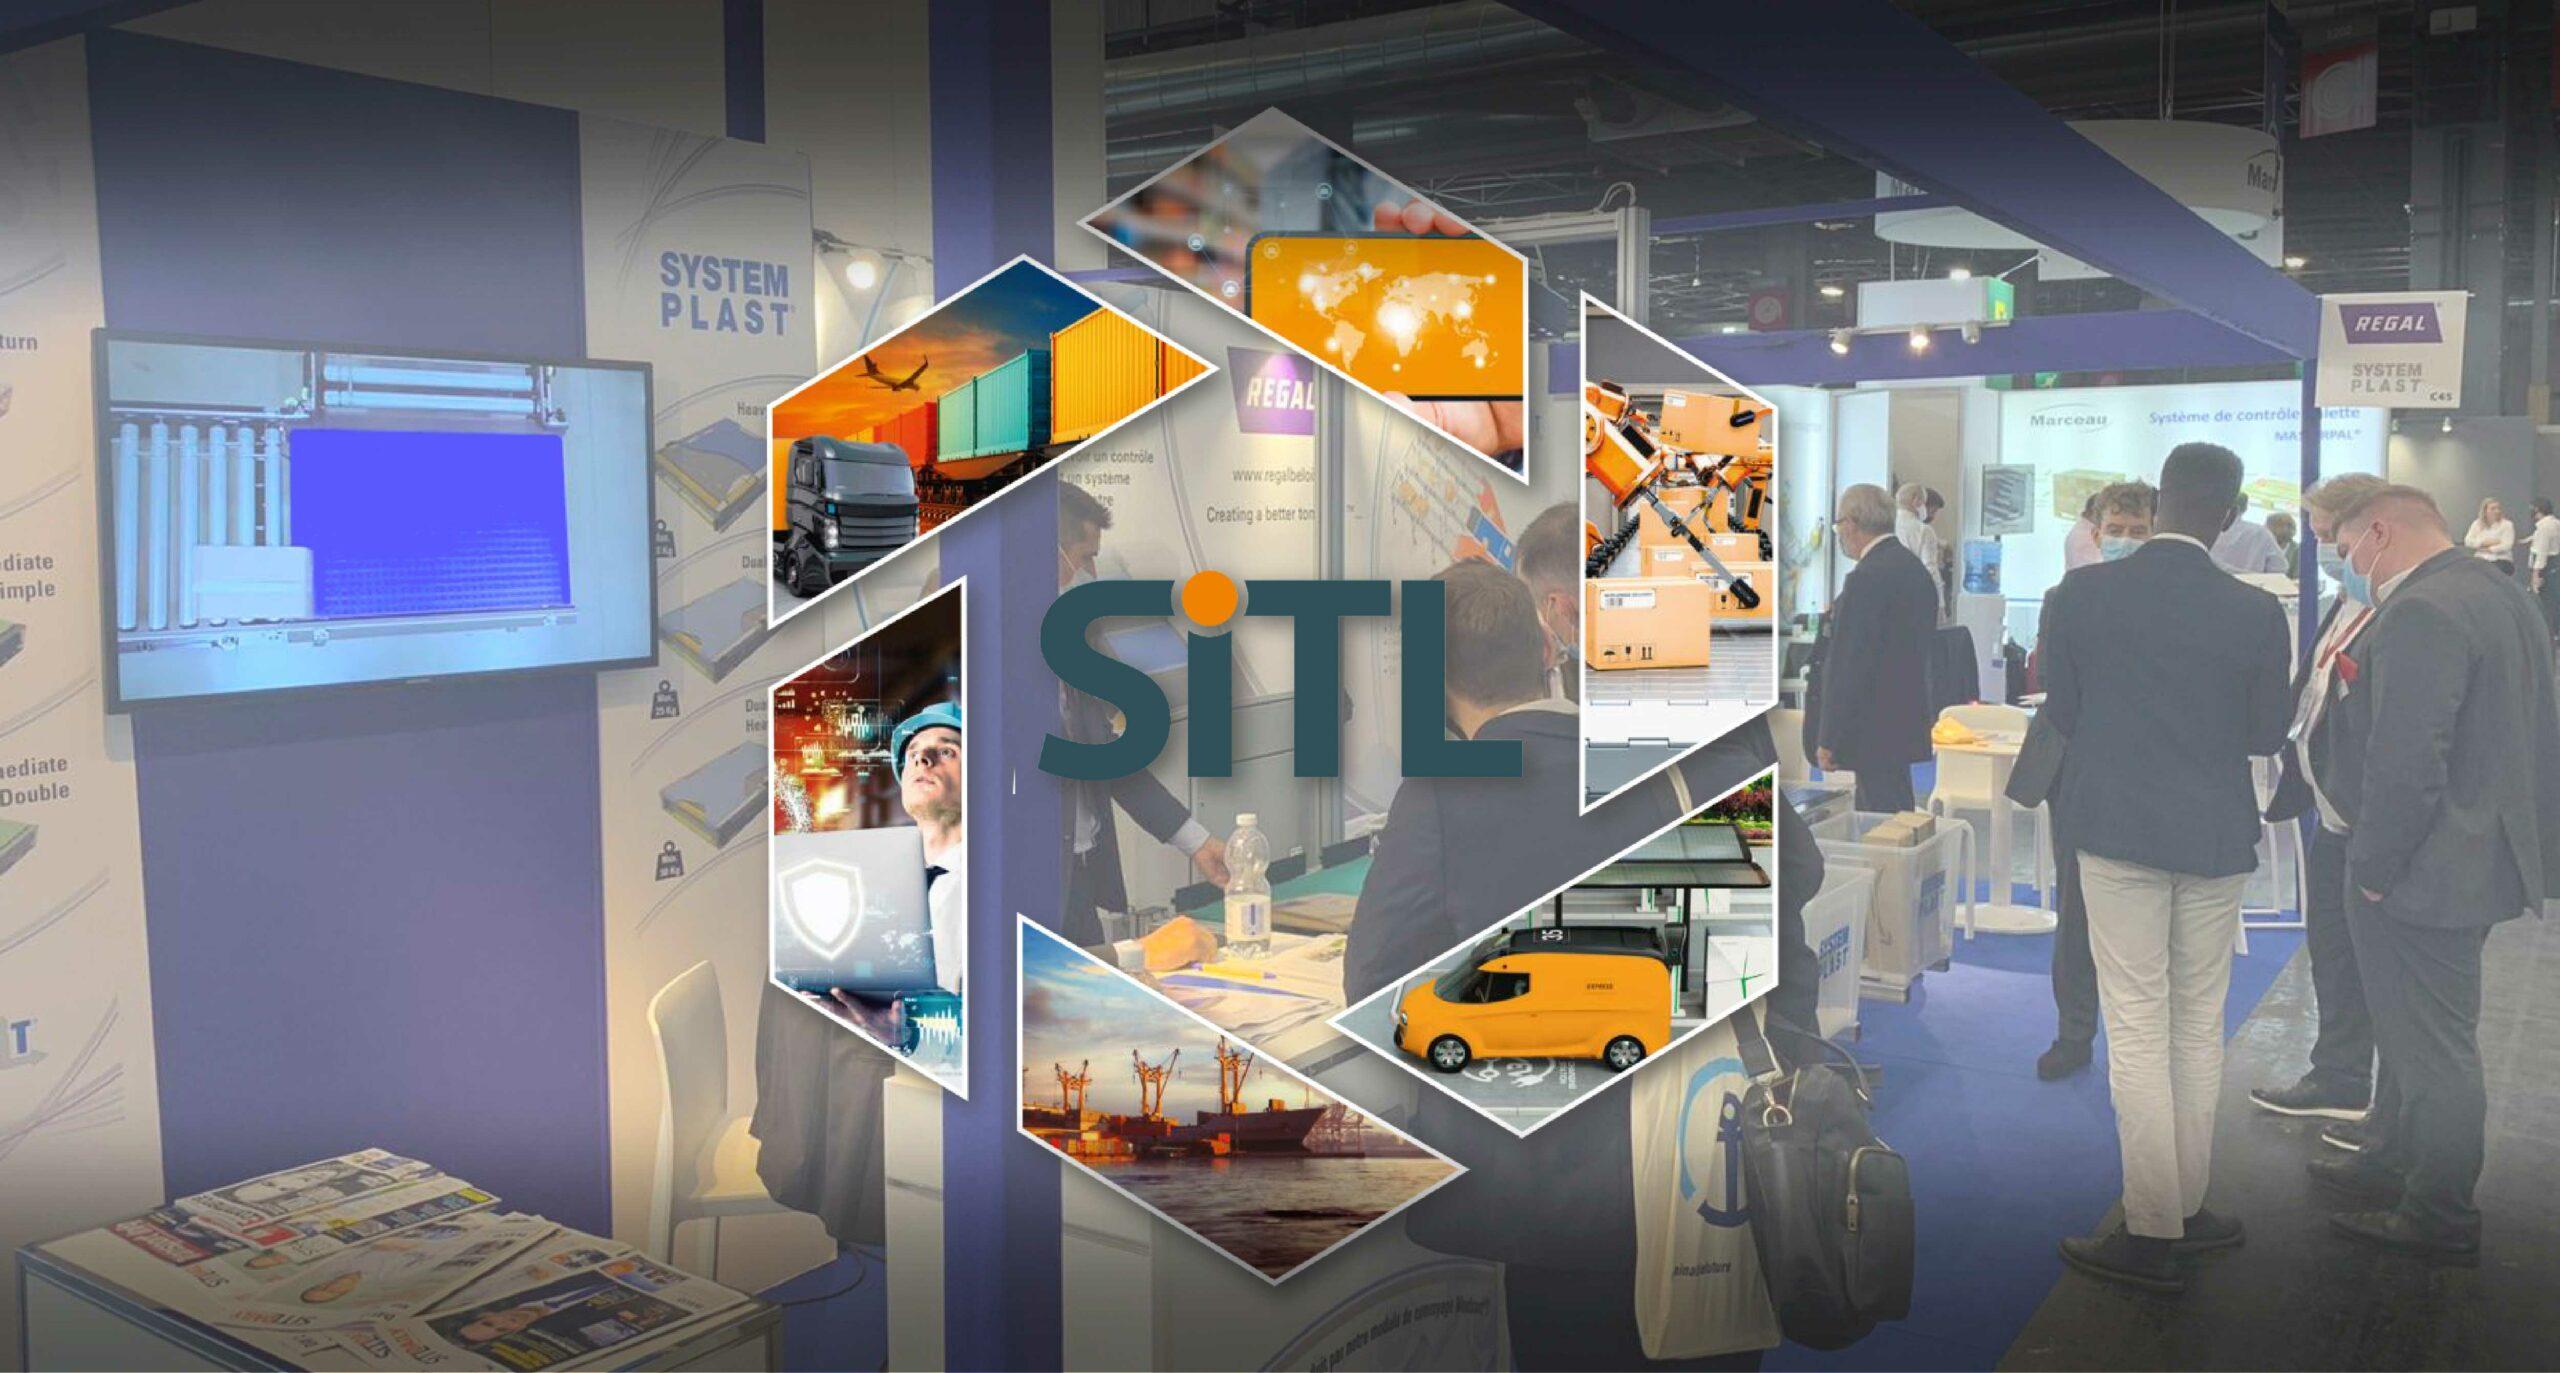 Виставка SITL у Франції: участь KAPELOU у міжнародному івенті - 8 - kapelou.com